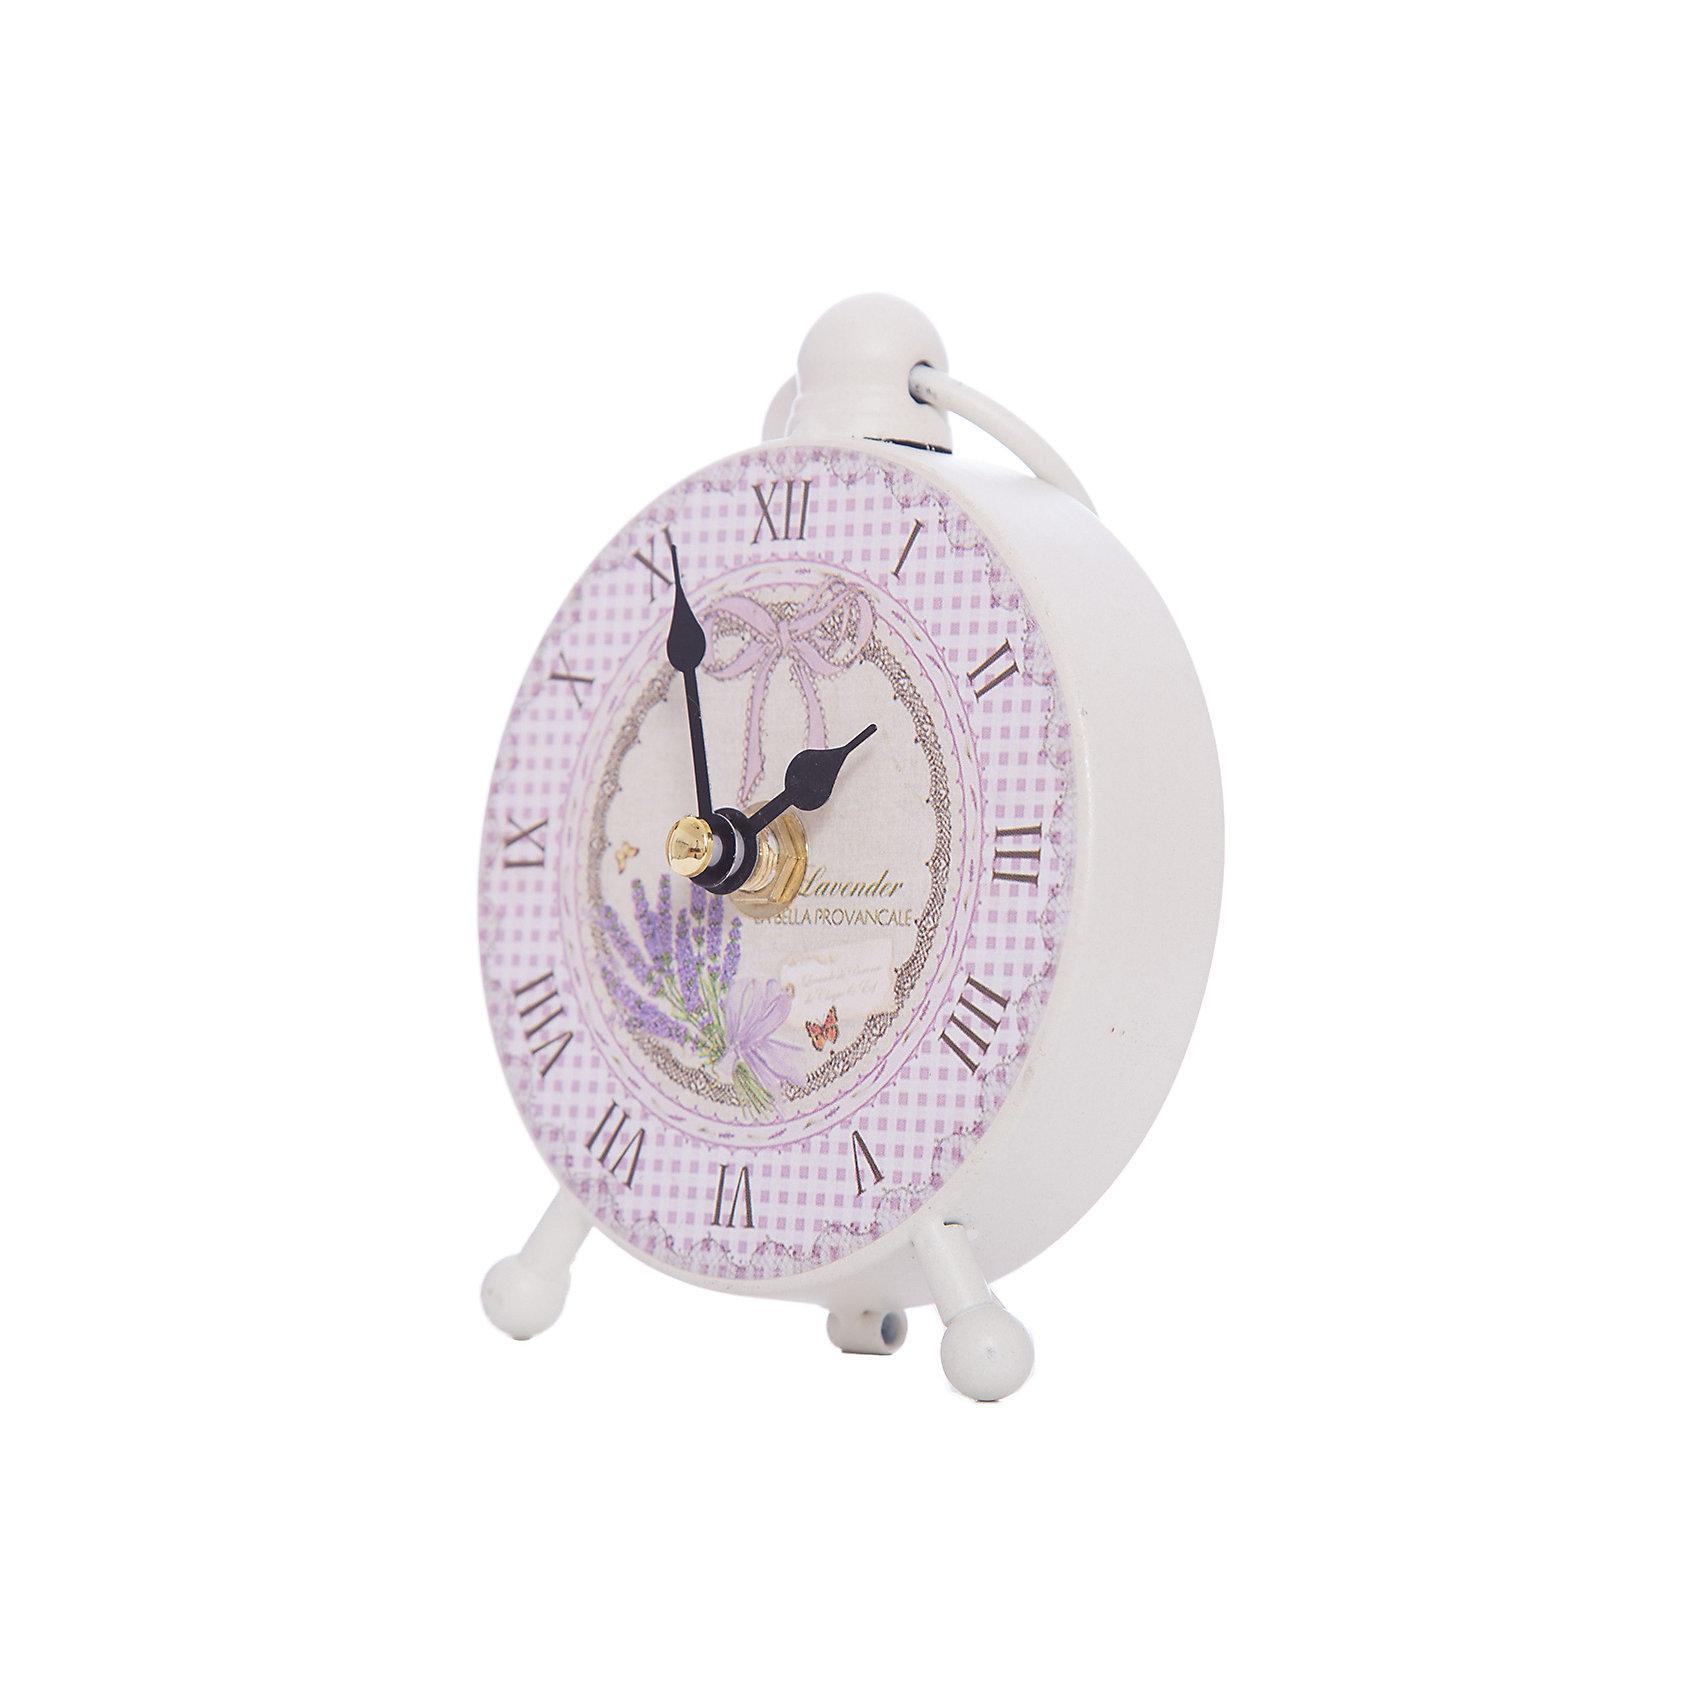 Часы Розовый бантик настольные кварцевые, Феникс-ПрезентЧасы настольные Розовый бантик кварцевые, с циферблатом из черного металла, без элемента питания. Оригинальные часы органично впишутся в любой интерьер.<br><br>Ширина мм: 110<br>Глубина мм: 116<br>Высота мм: 110<br>Вес г: 177<br>Возраст от месяцев: 120<br>Возраст до месяцев: 2147483647<br>Пол: Унисекс<br>Возраст: Детский<br>SKU: 5449713